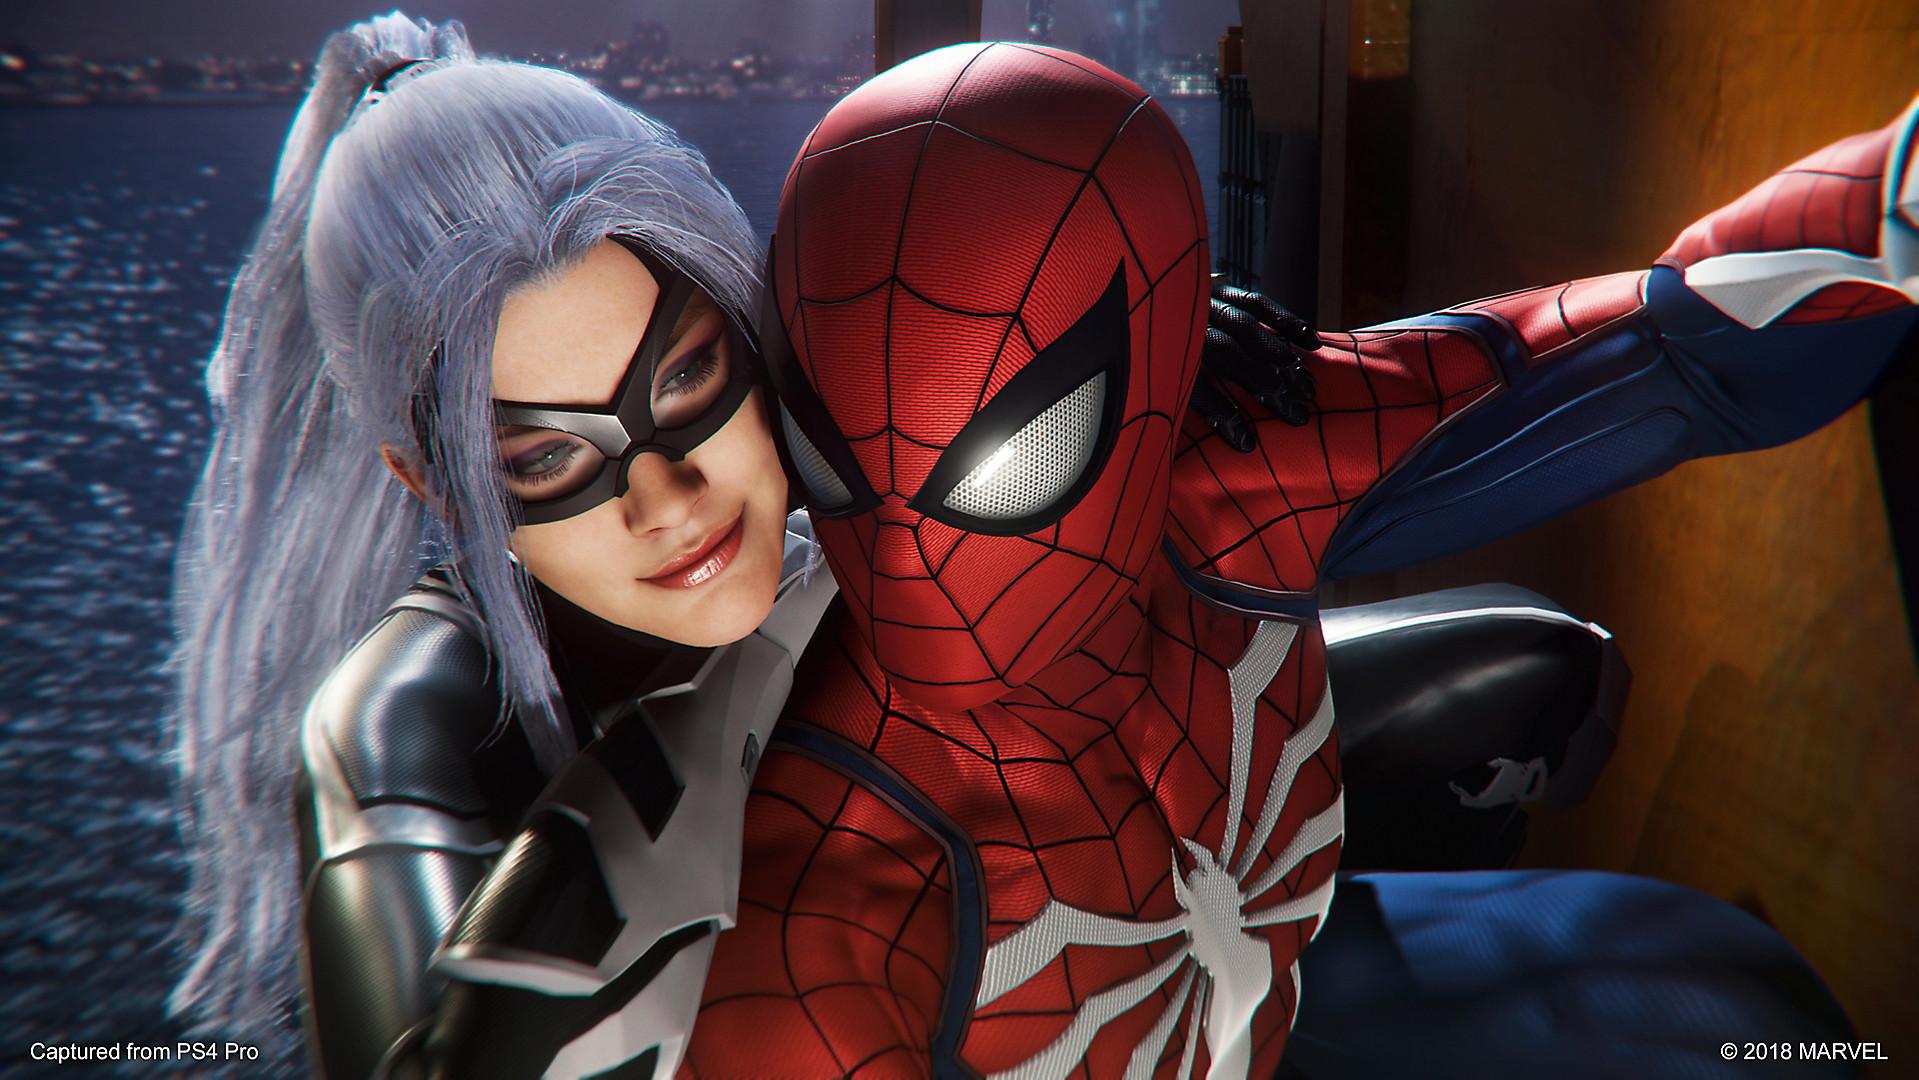 Chystá se další komiksová série podle hry Marvel's Spider-man